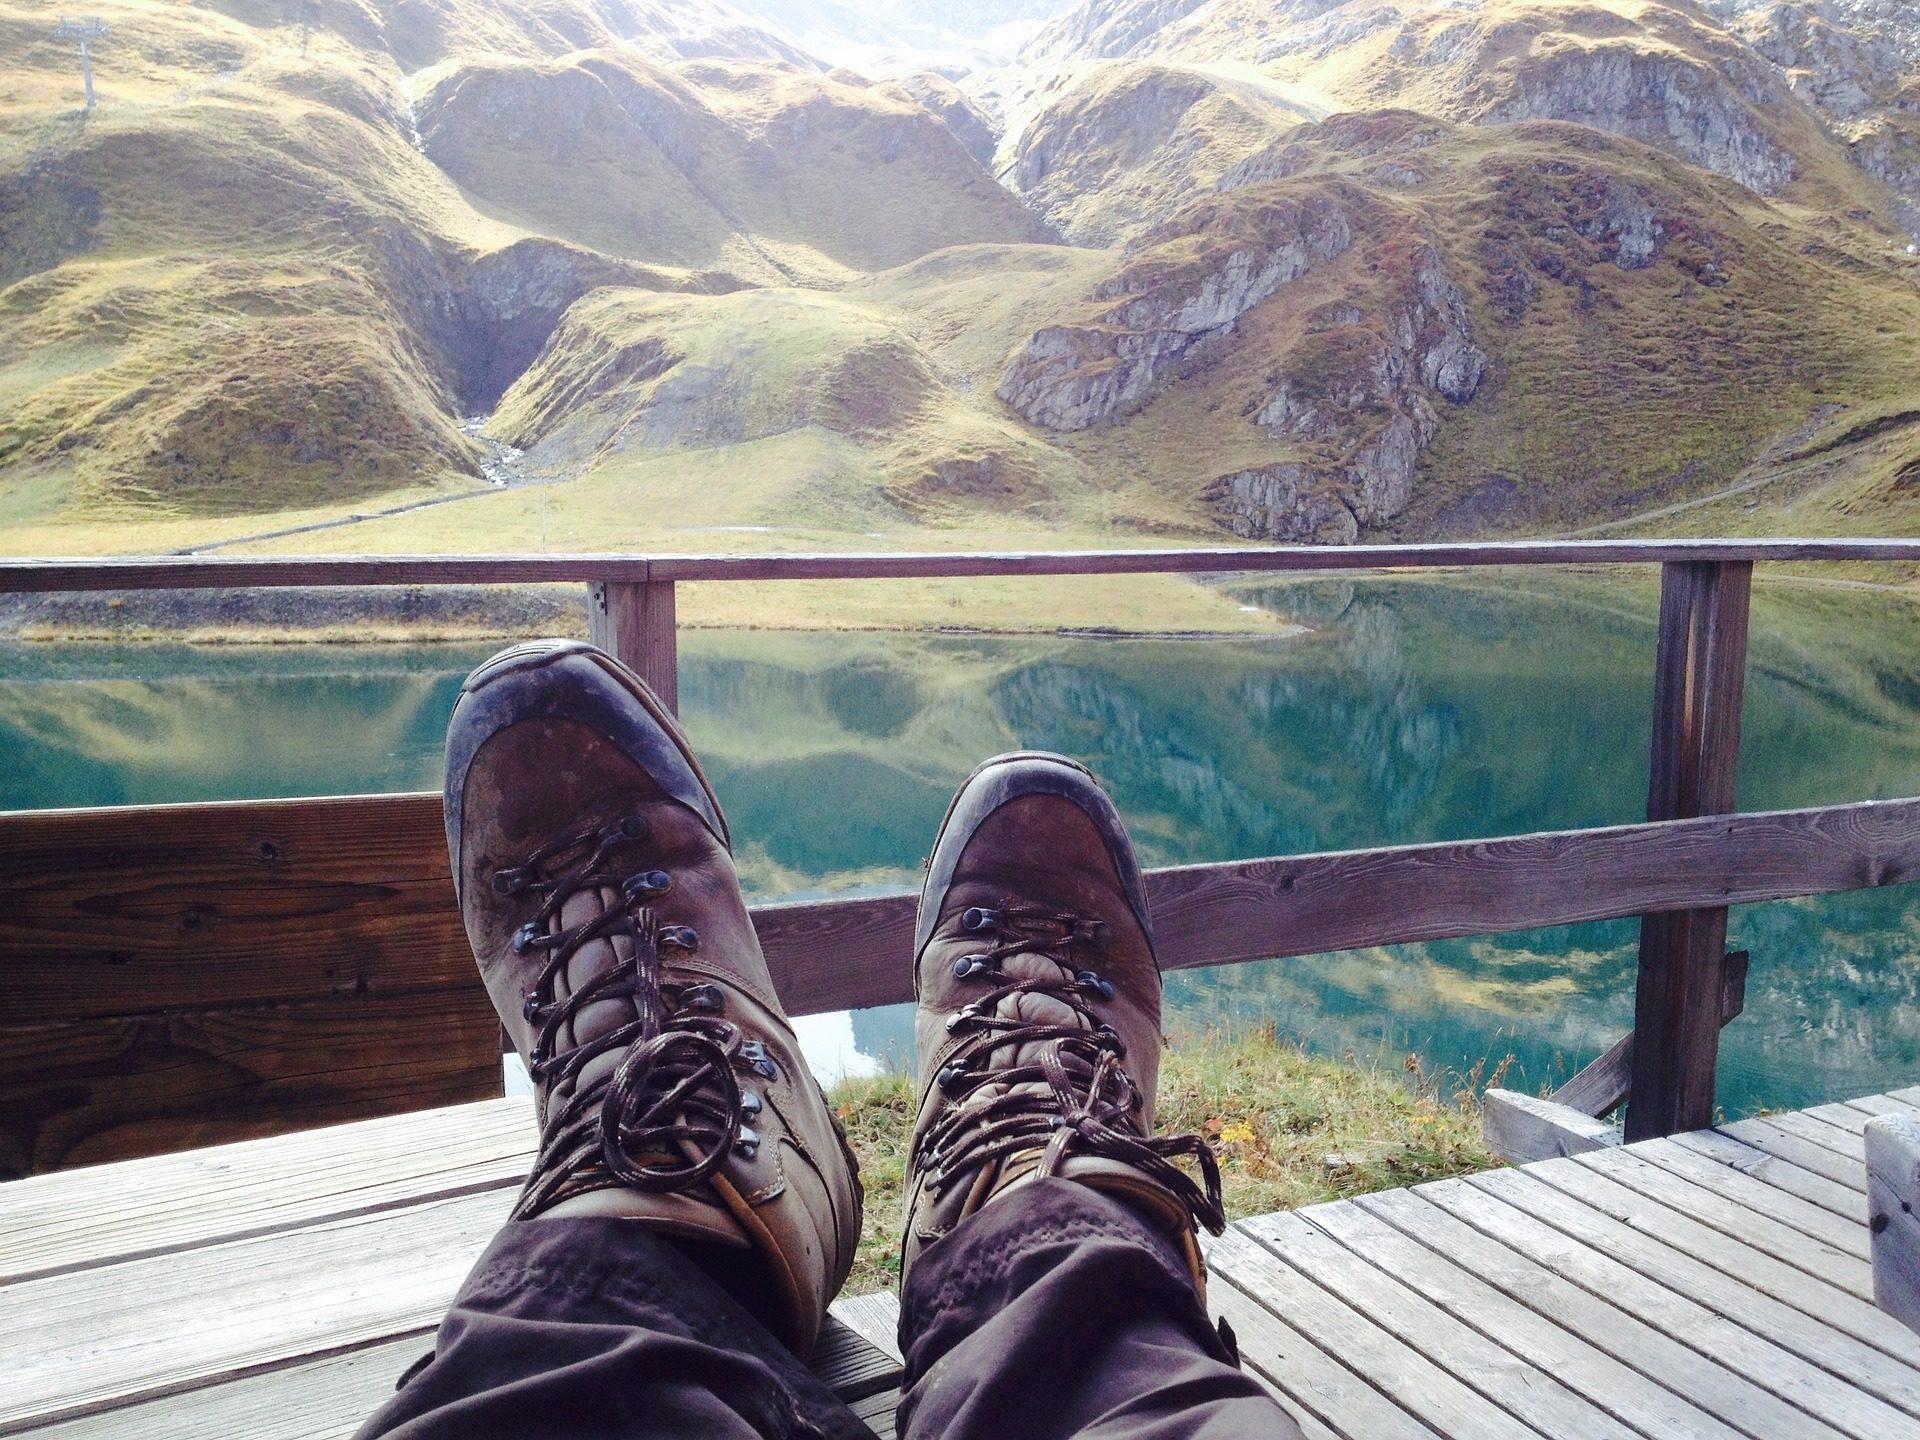 双脚, 靴子, 休息, 景观, Montañas, 湖, 放松 - 高清壁纸 - 教授-falken.com